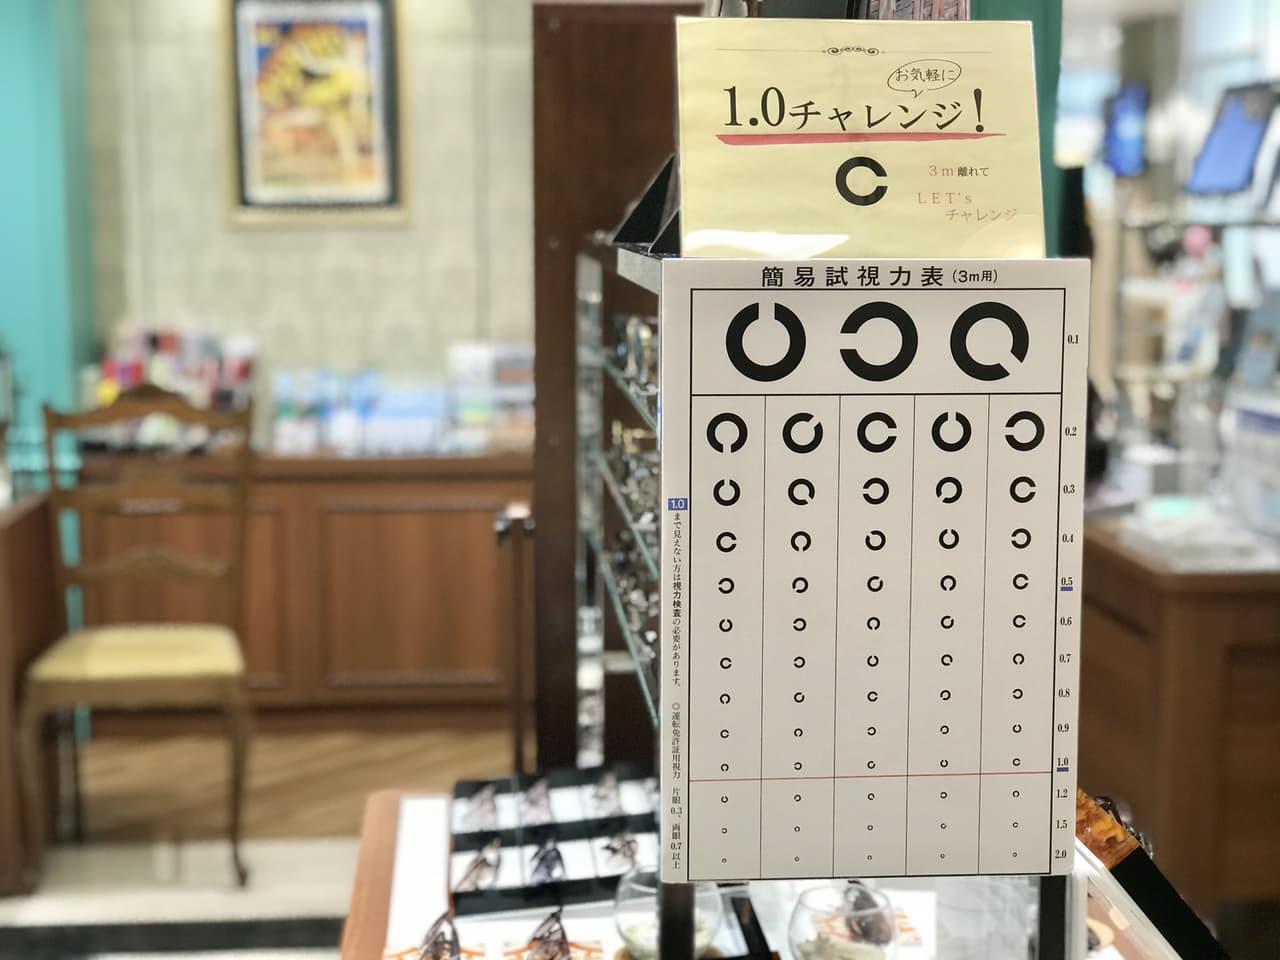 視力検査表と店